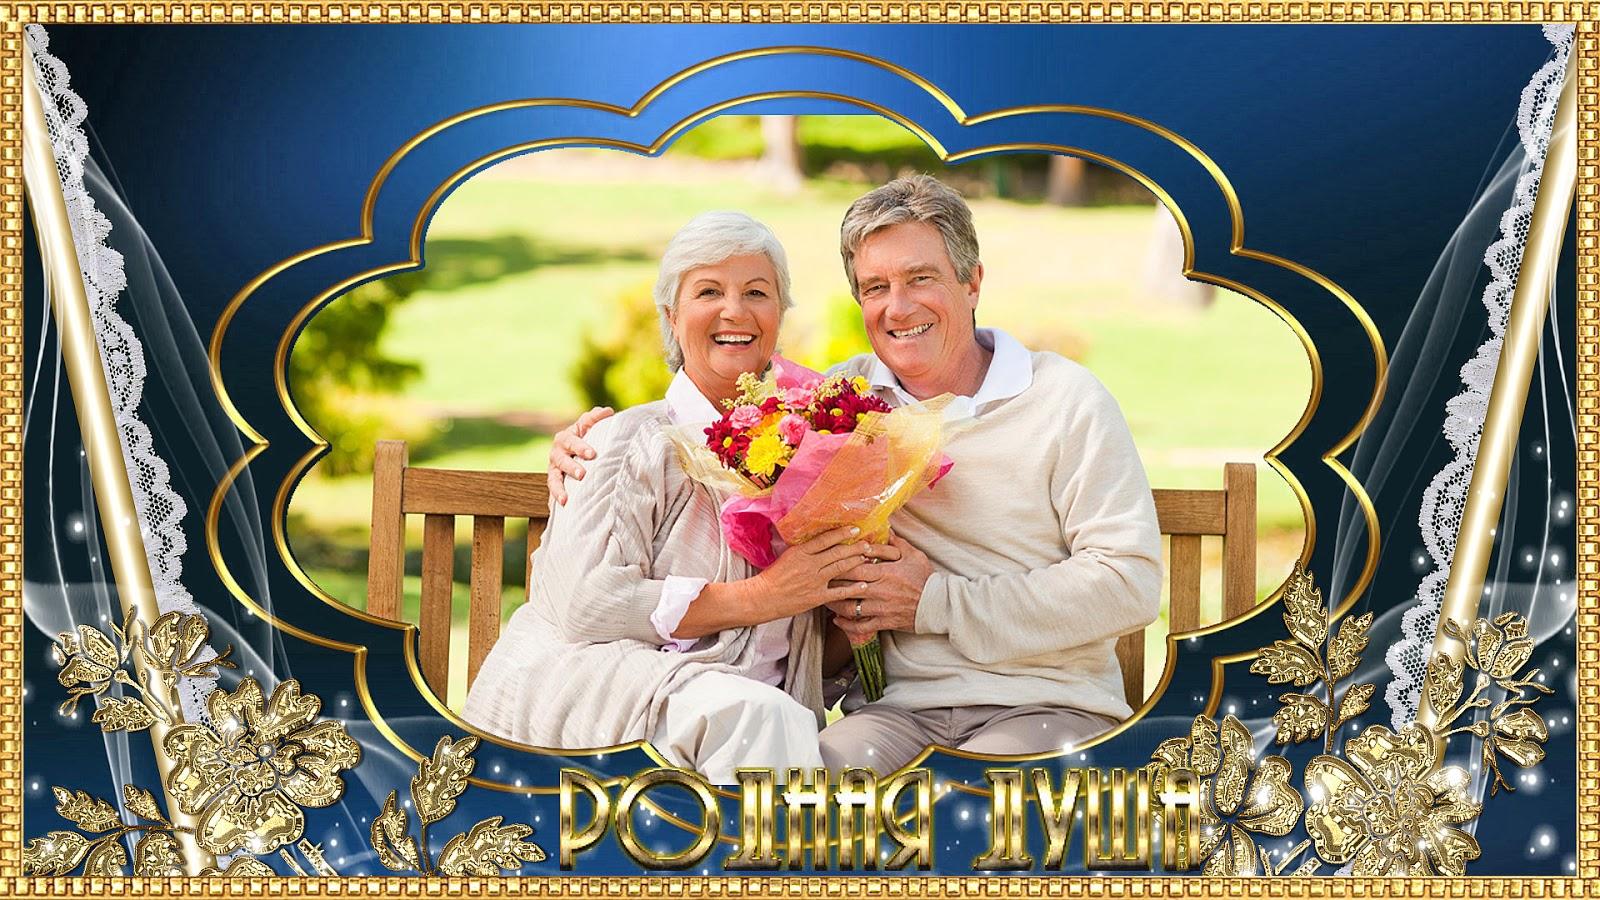 Печать грамот и дипломов для сапфировой свадьбы в Москве | фото 5